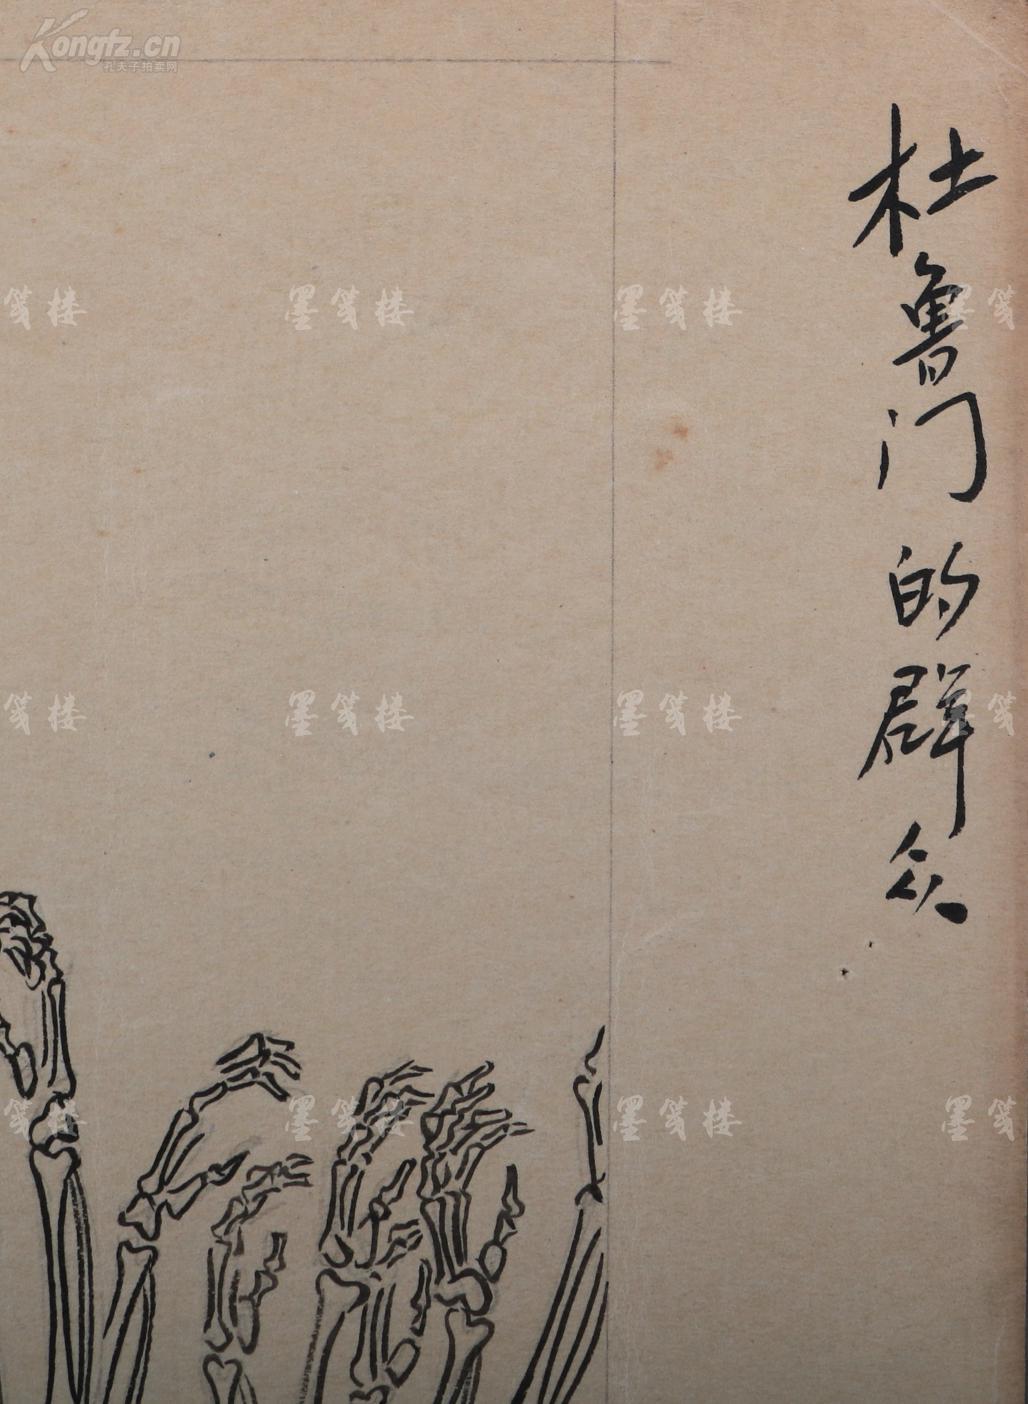 著名漫画家、原四川照片漫画江敉五十年代漫成叫教授什么软件v照片美院的图片